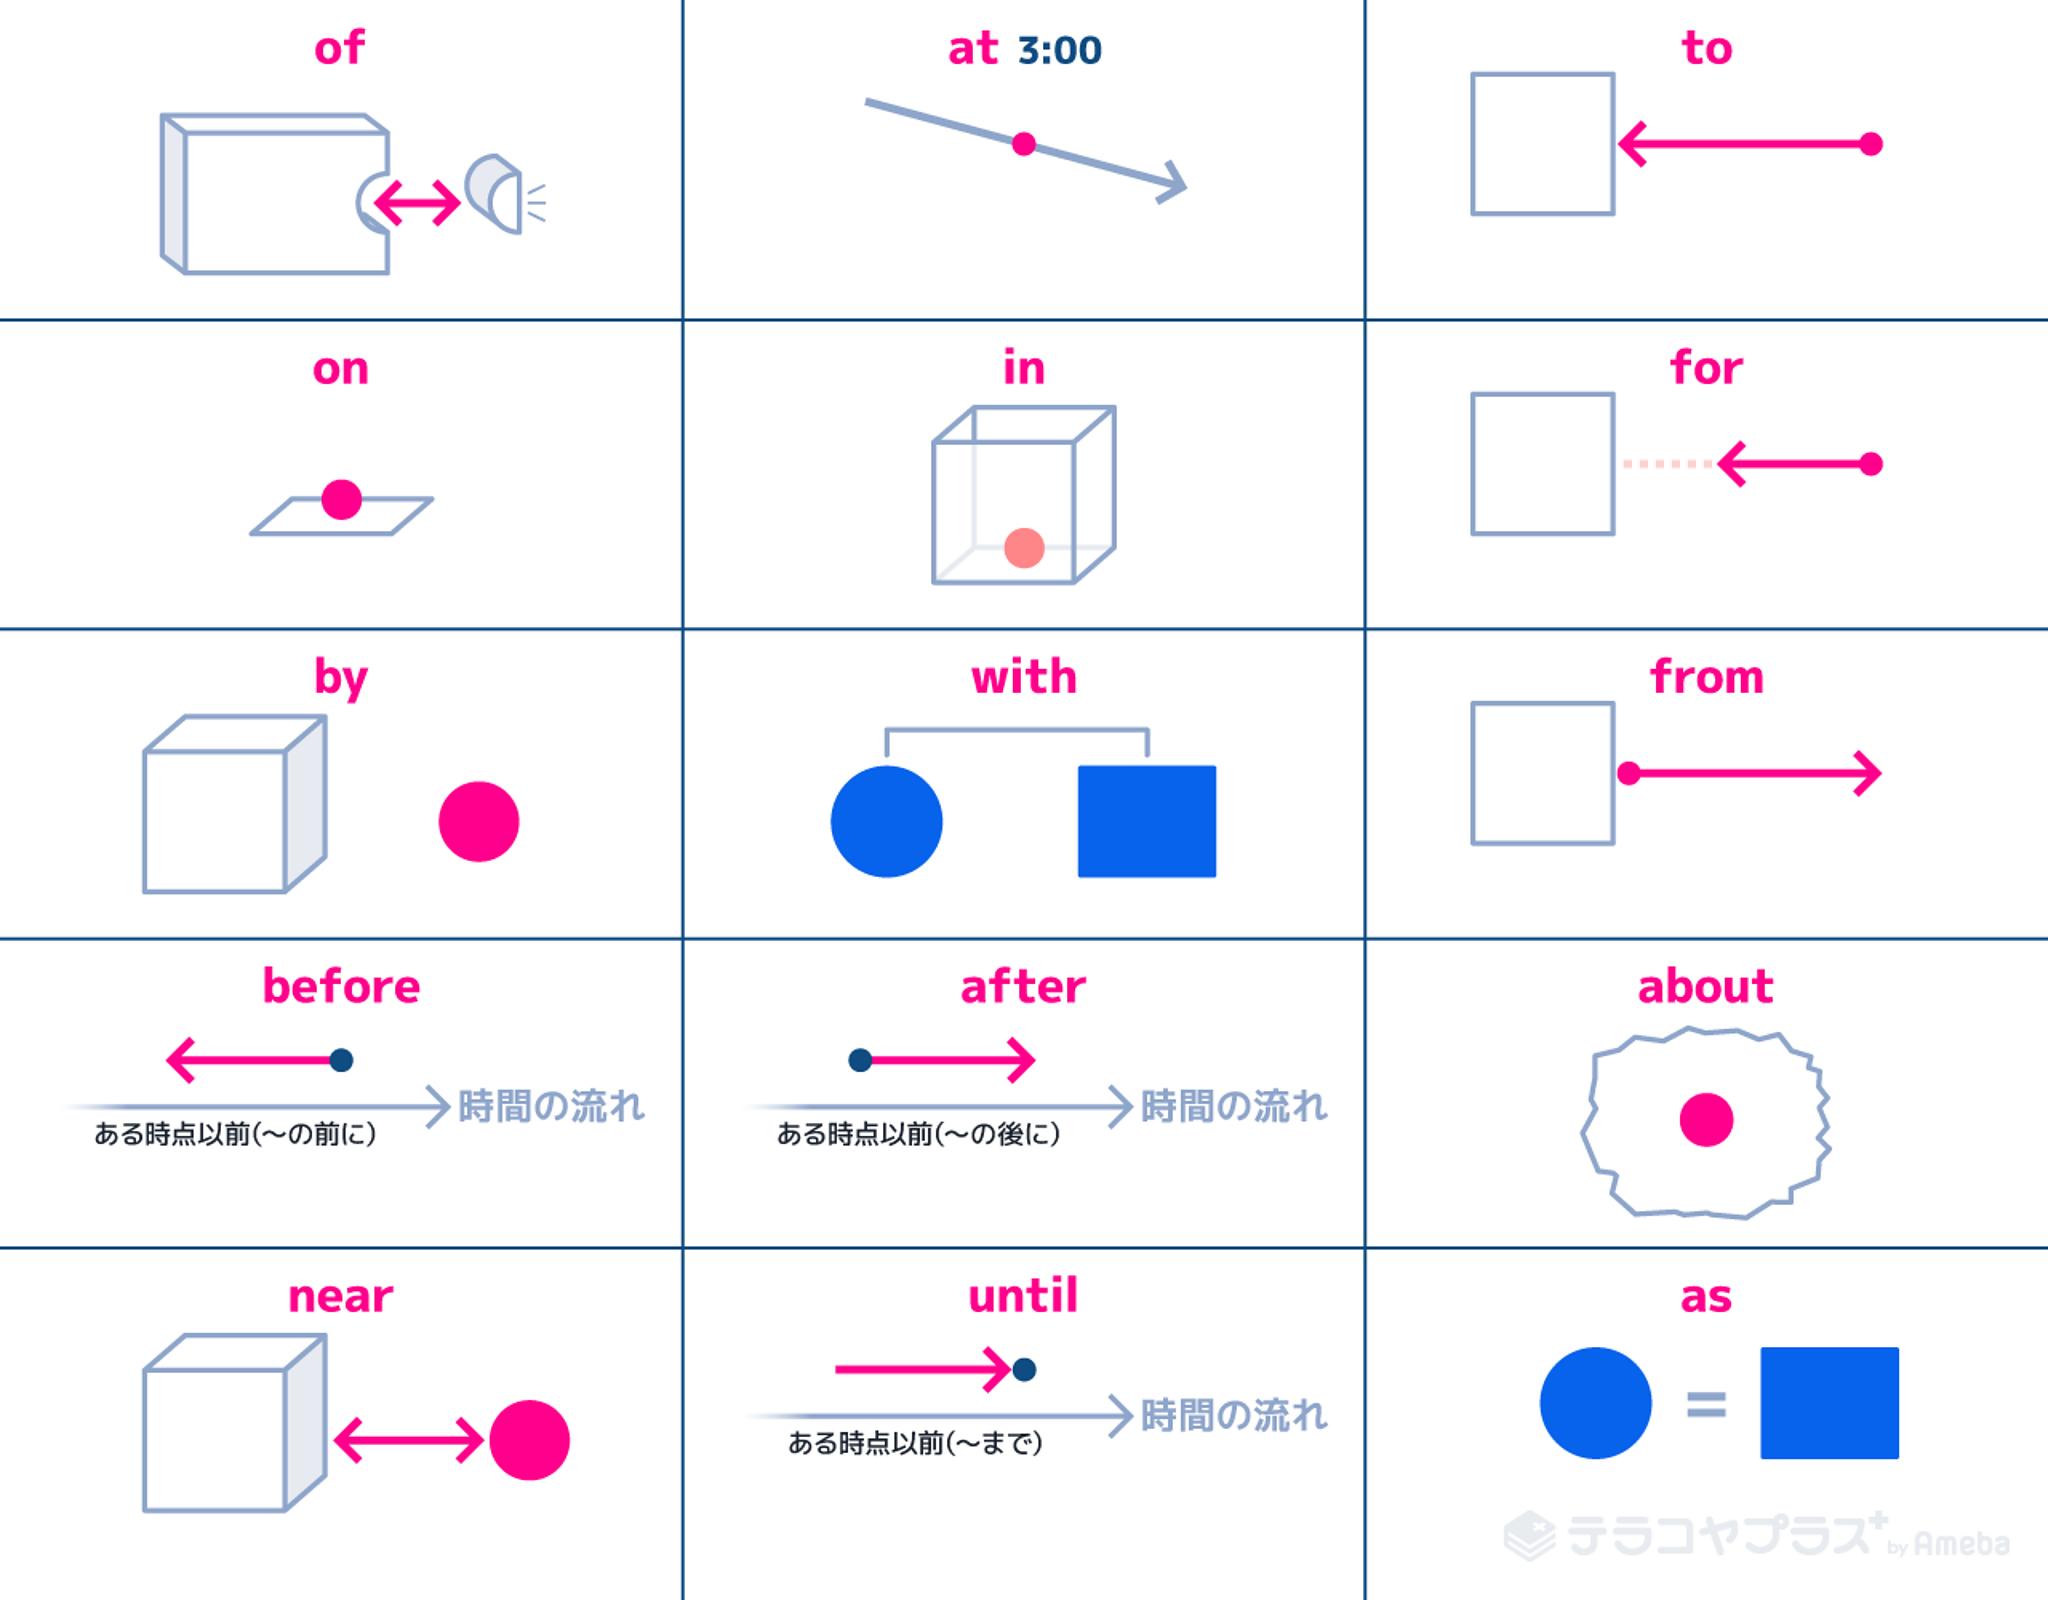 頻出前置詞15種類の一覧